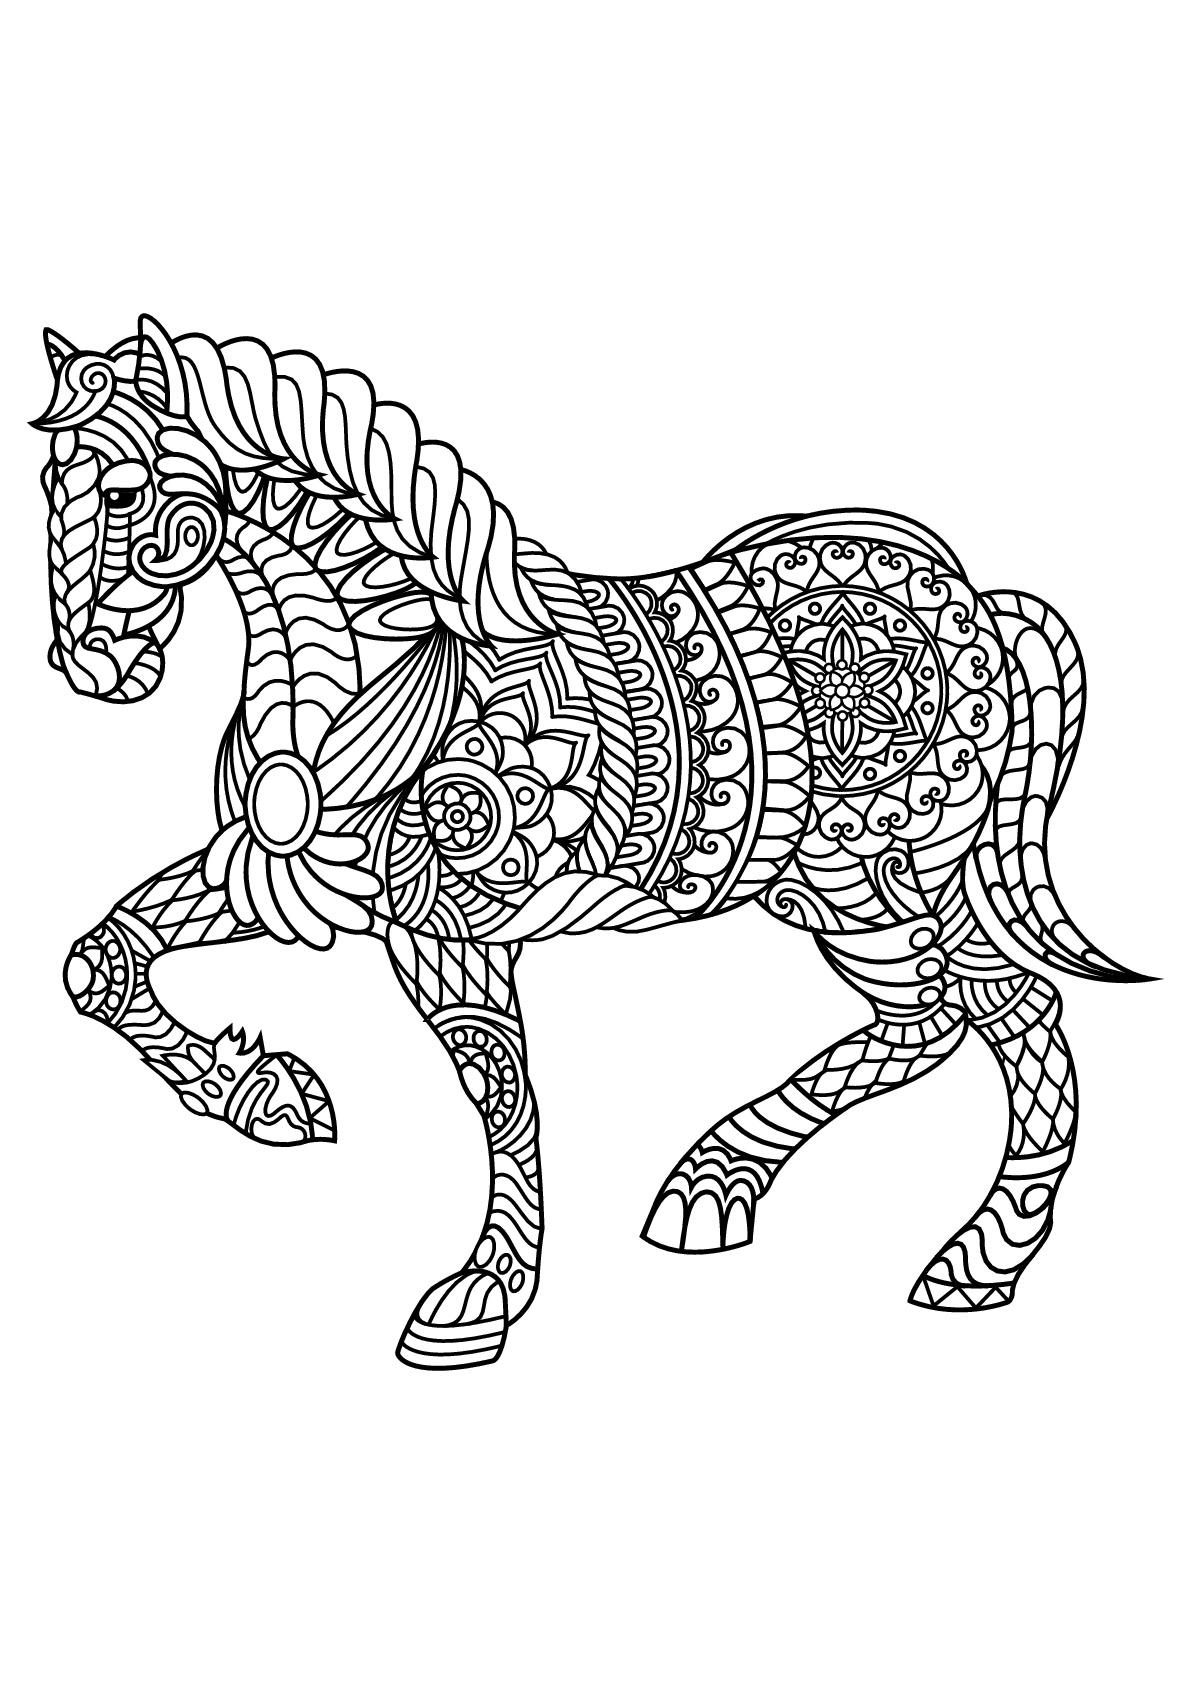 Livre gratuit cheval chevaux coloriages difficiles pour adultes - Coloriage chevaux ...